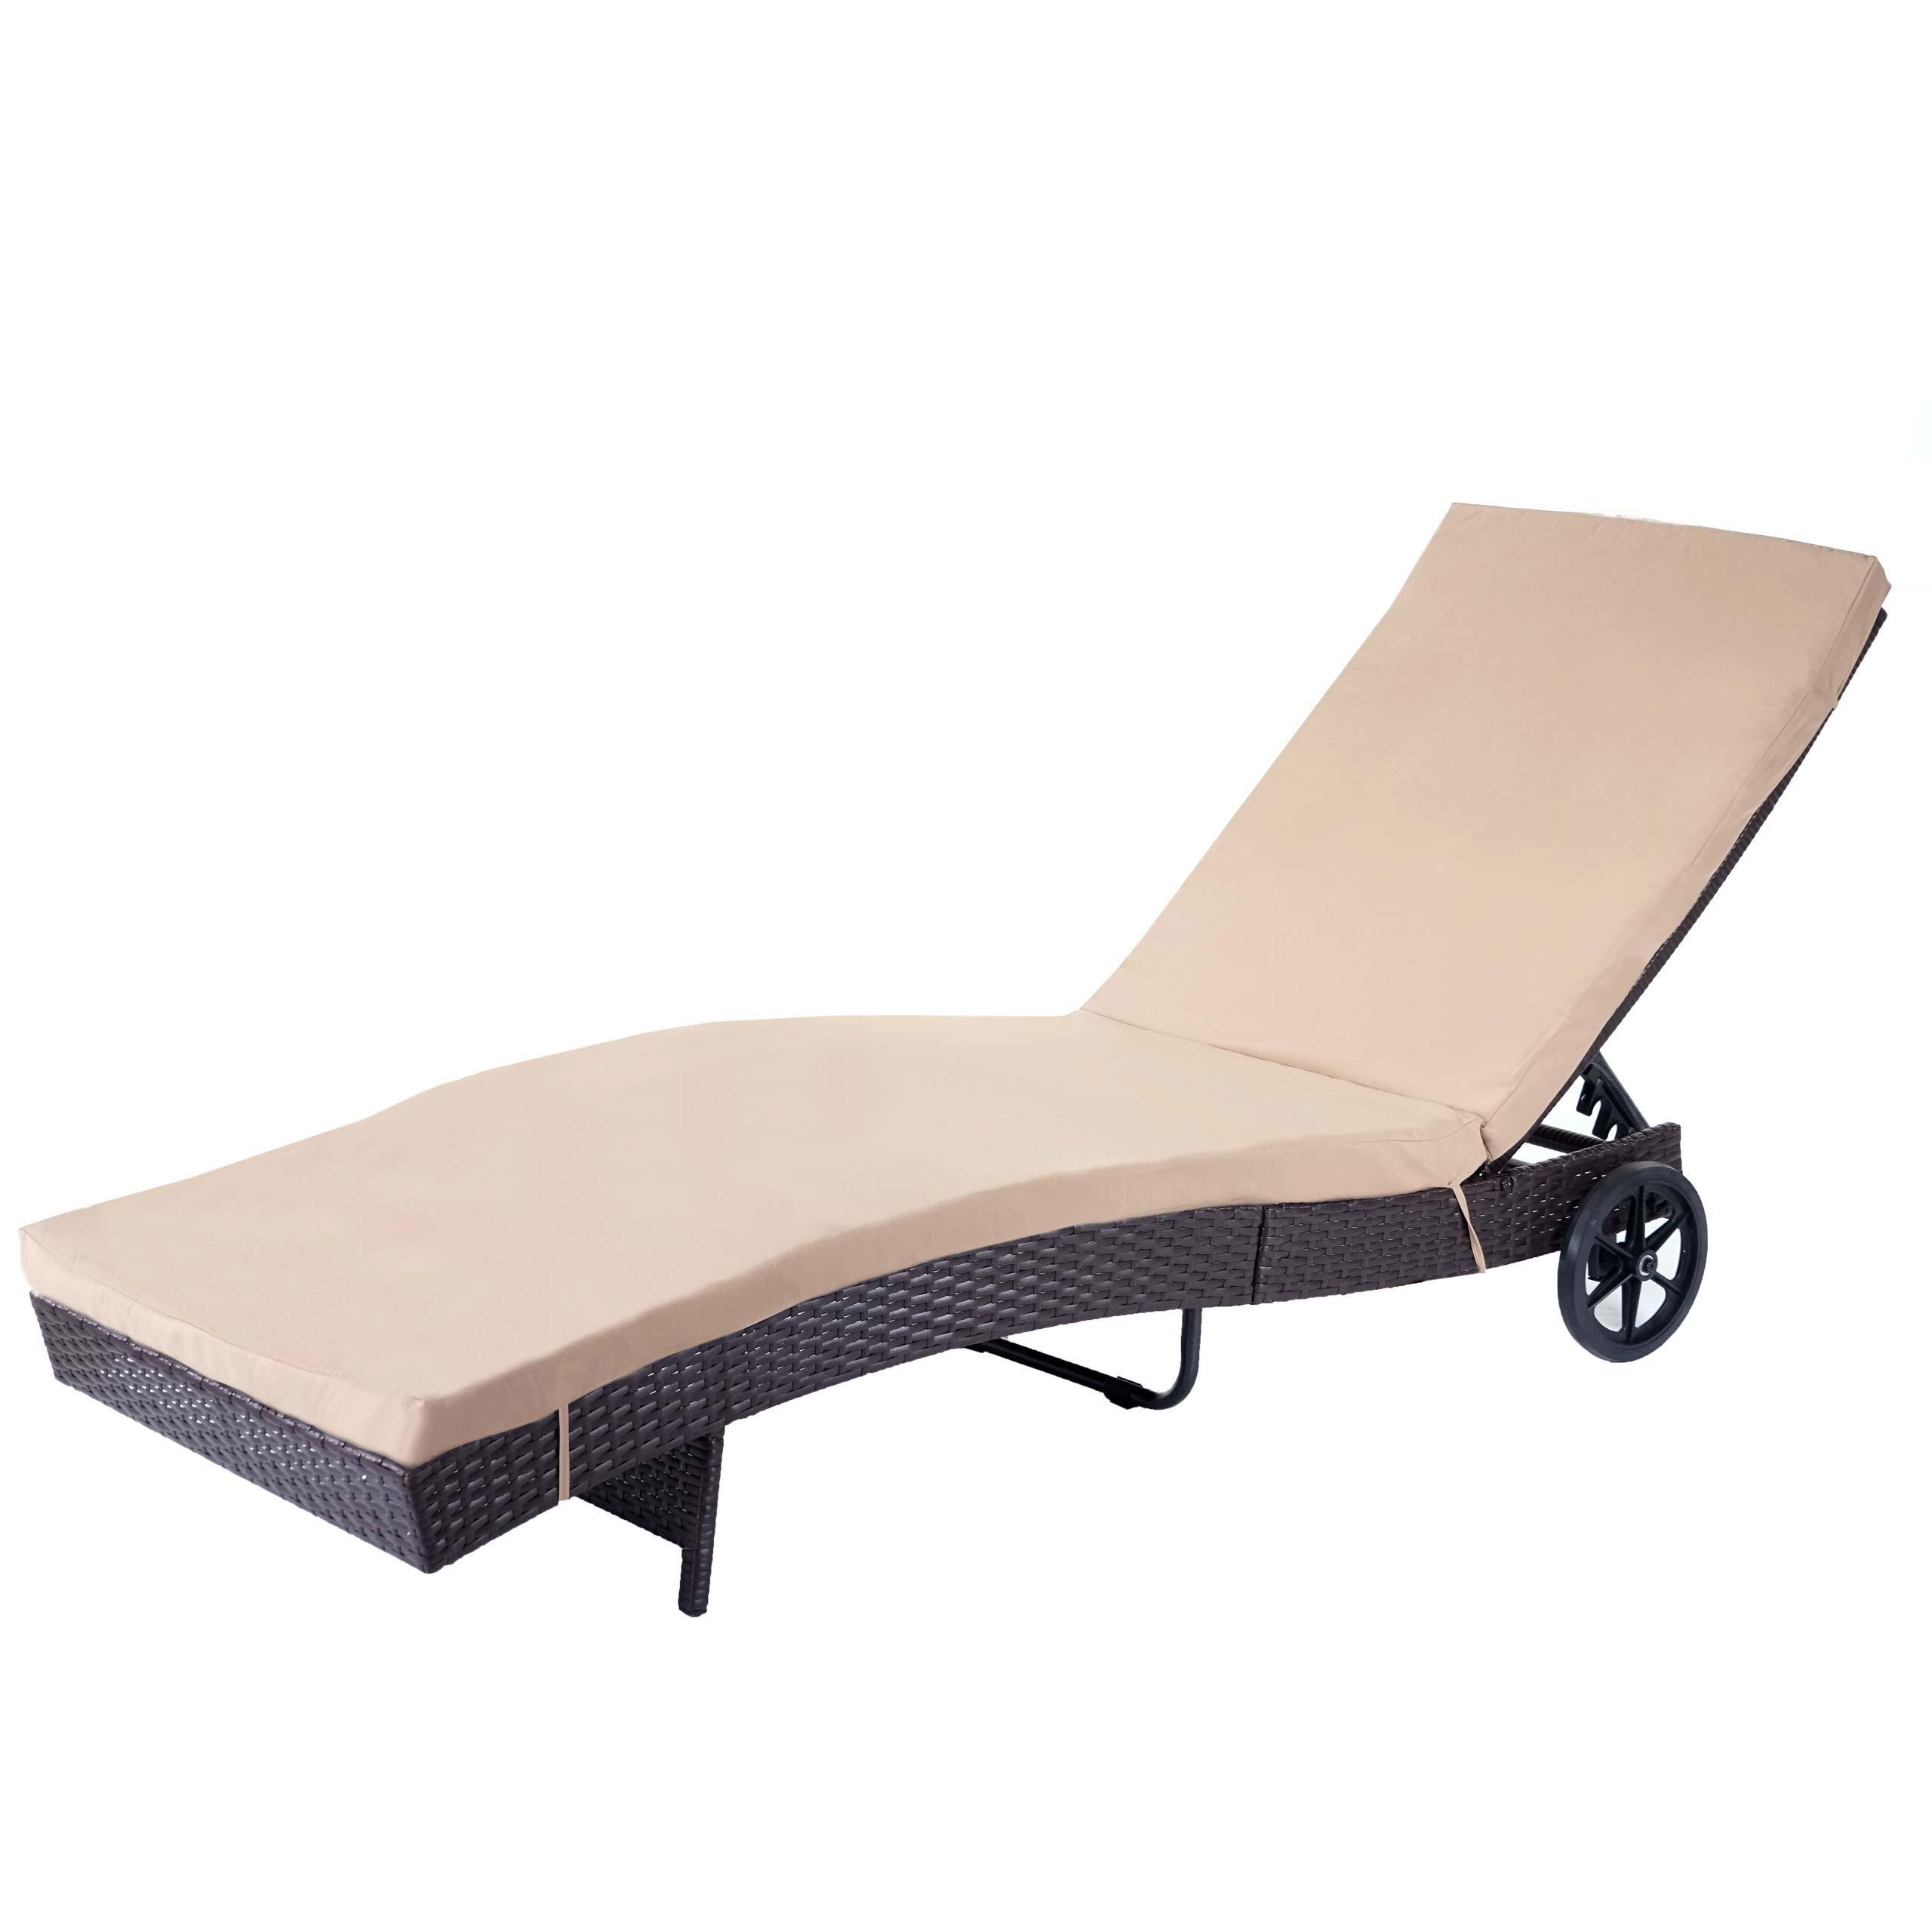 Sonnenliege HWC-D80, Gartenliege Relaxliege Liege, Poly-Rattan ~ braun,  Kissen beige